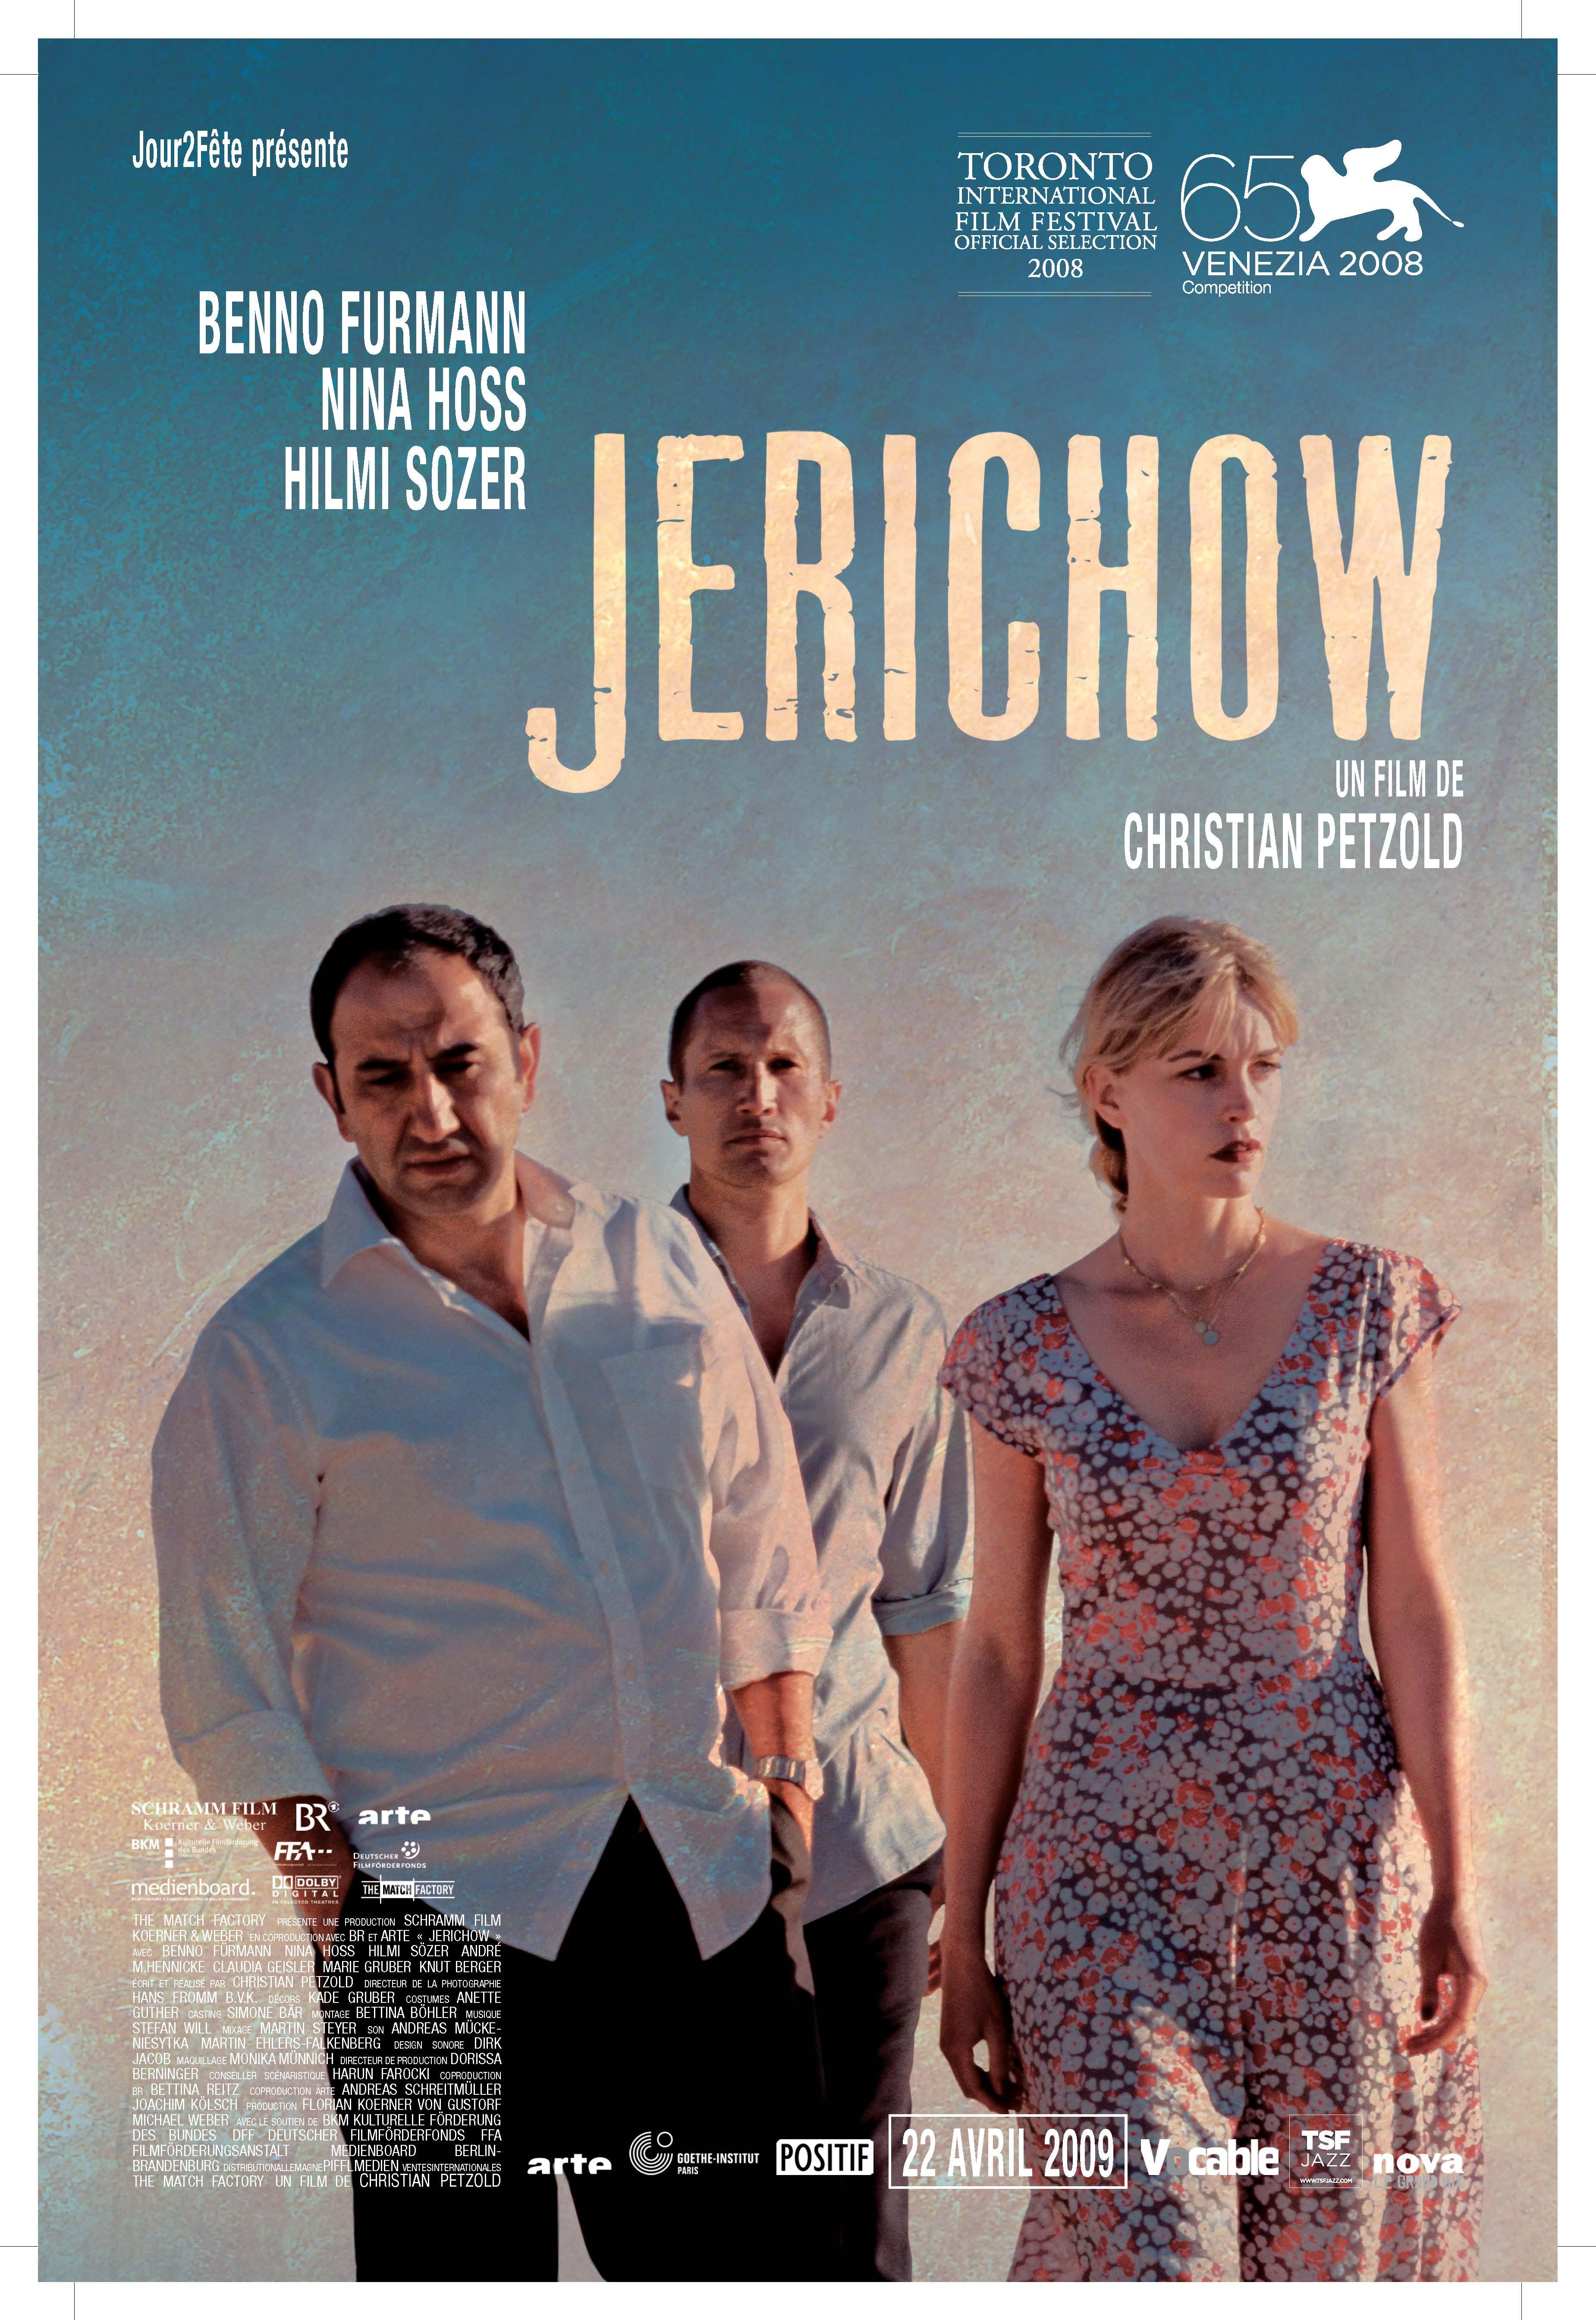 jerichow 20 30 verticale